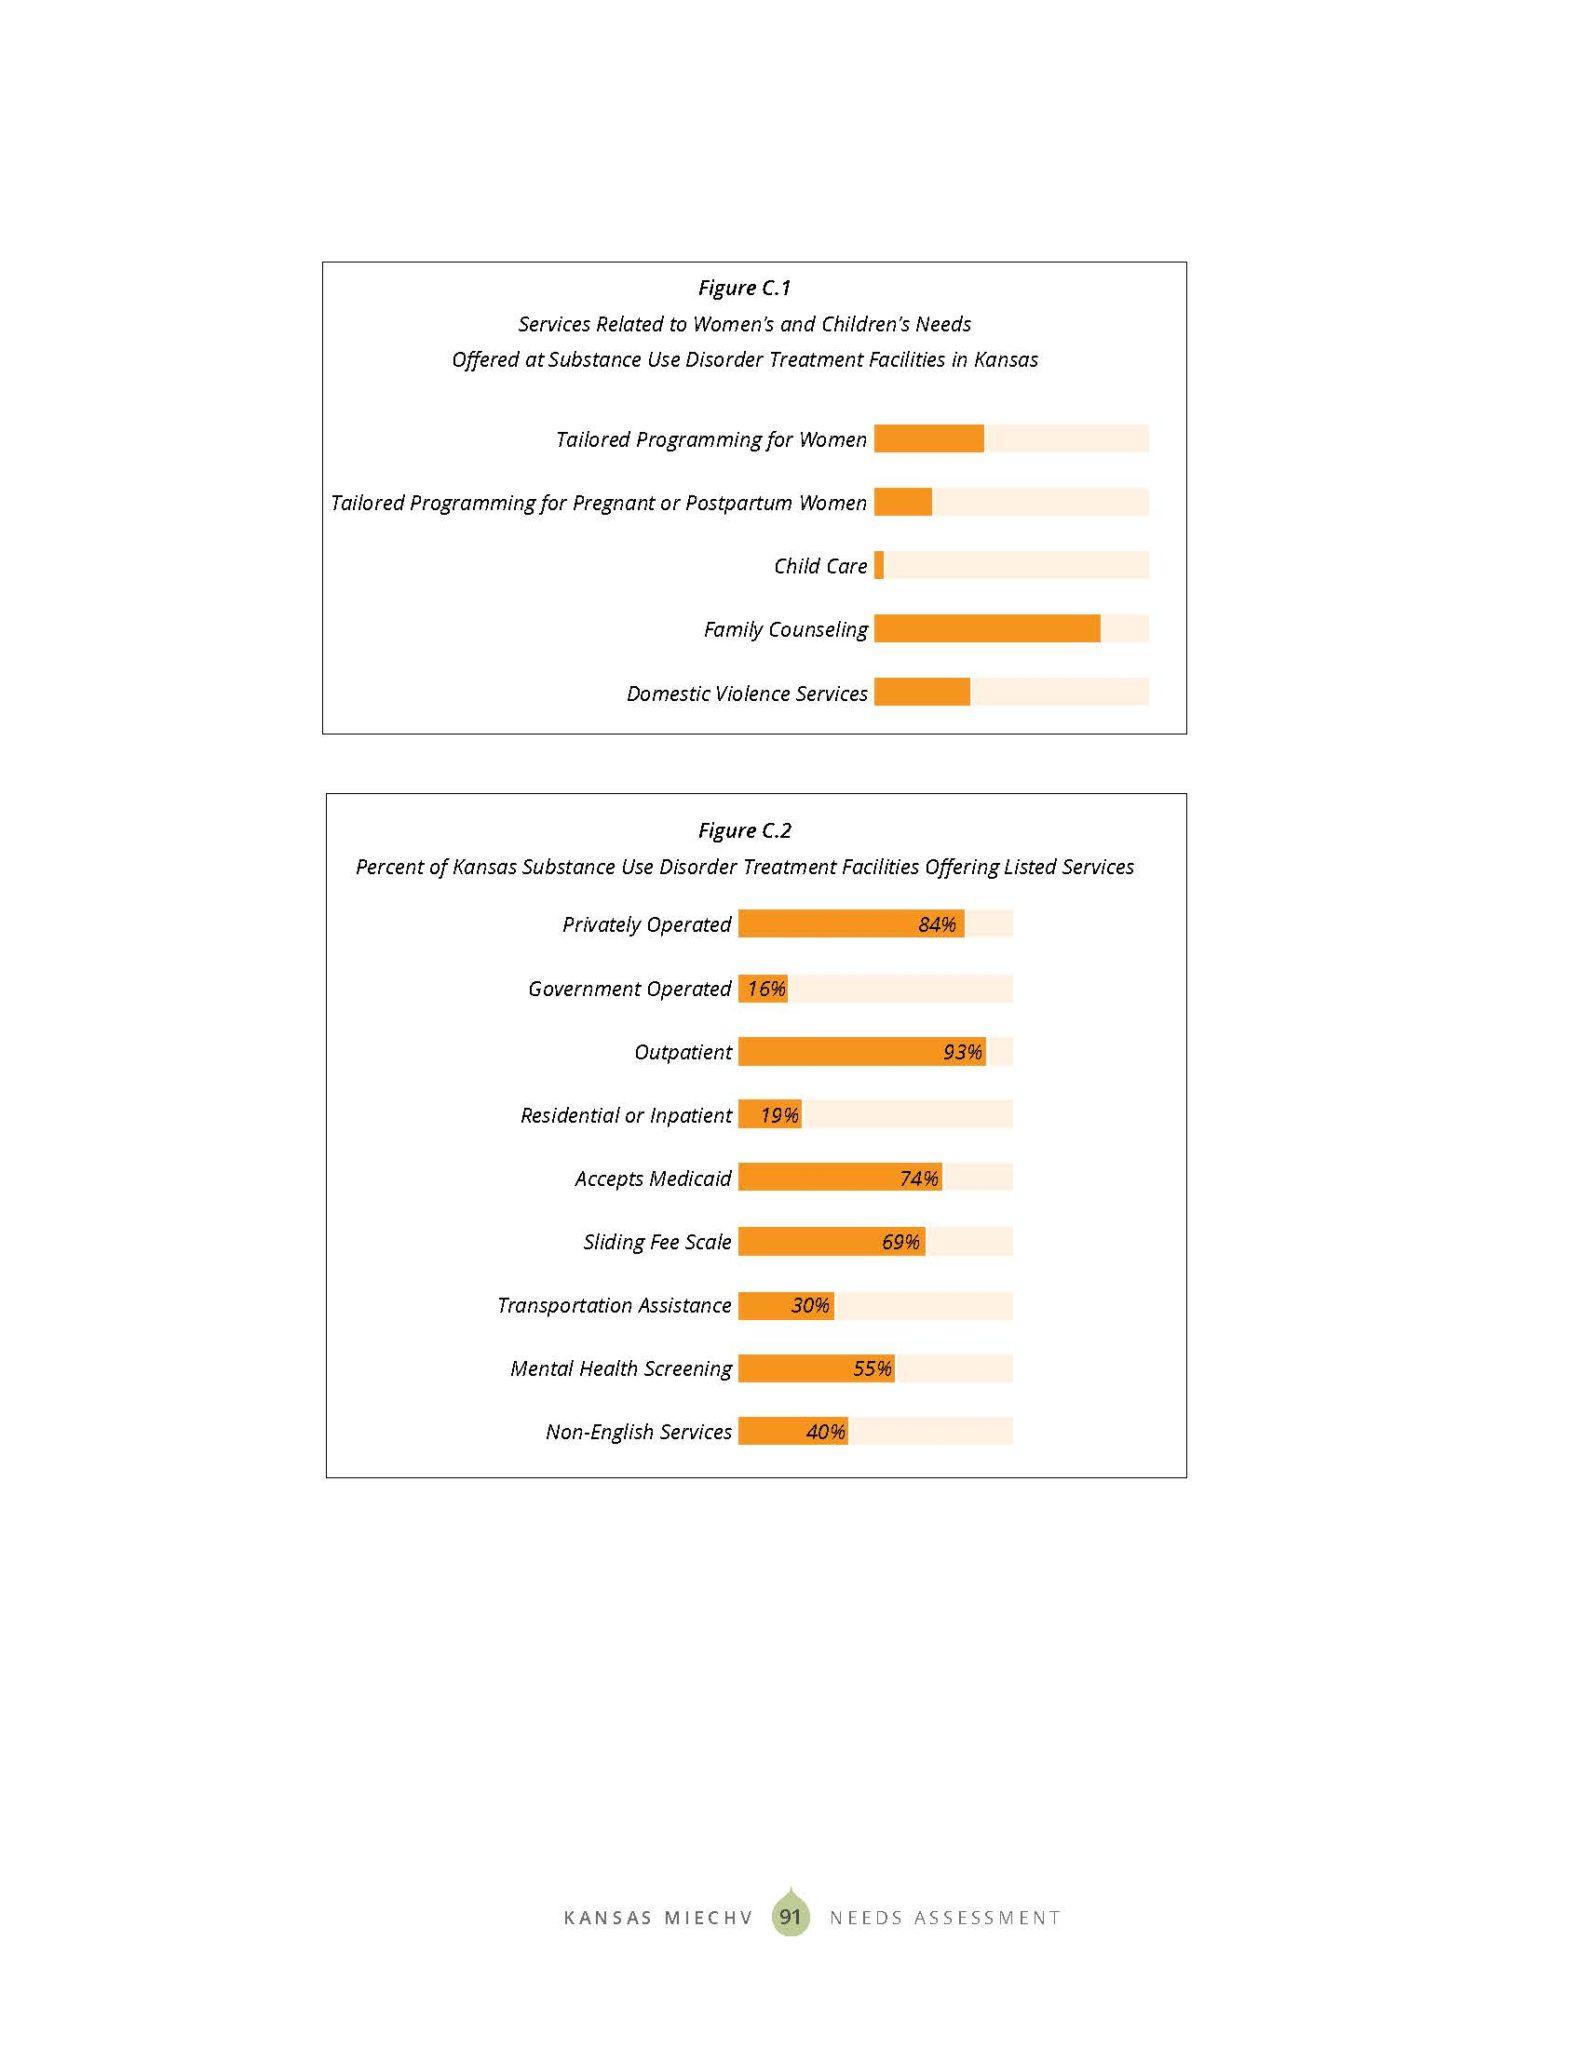 KS MIECHV 2020 Needs Assessment_DIGITAL_Page_099